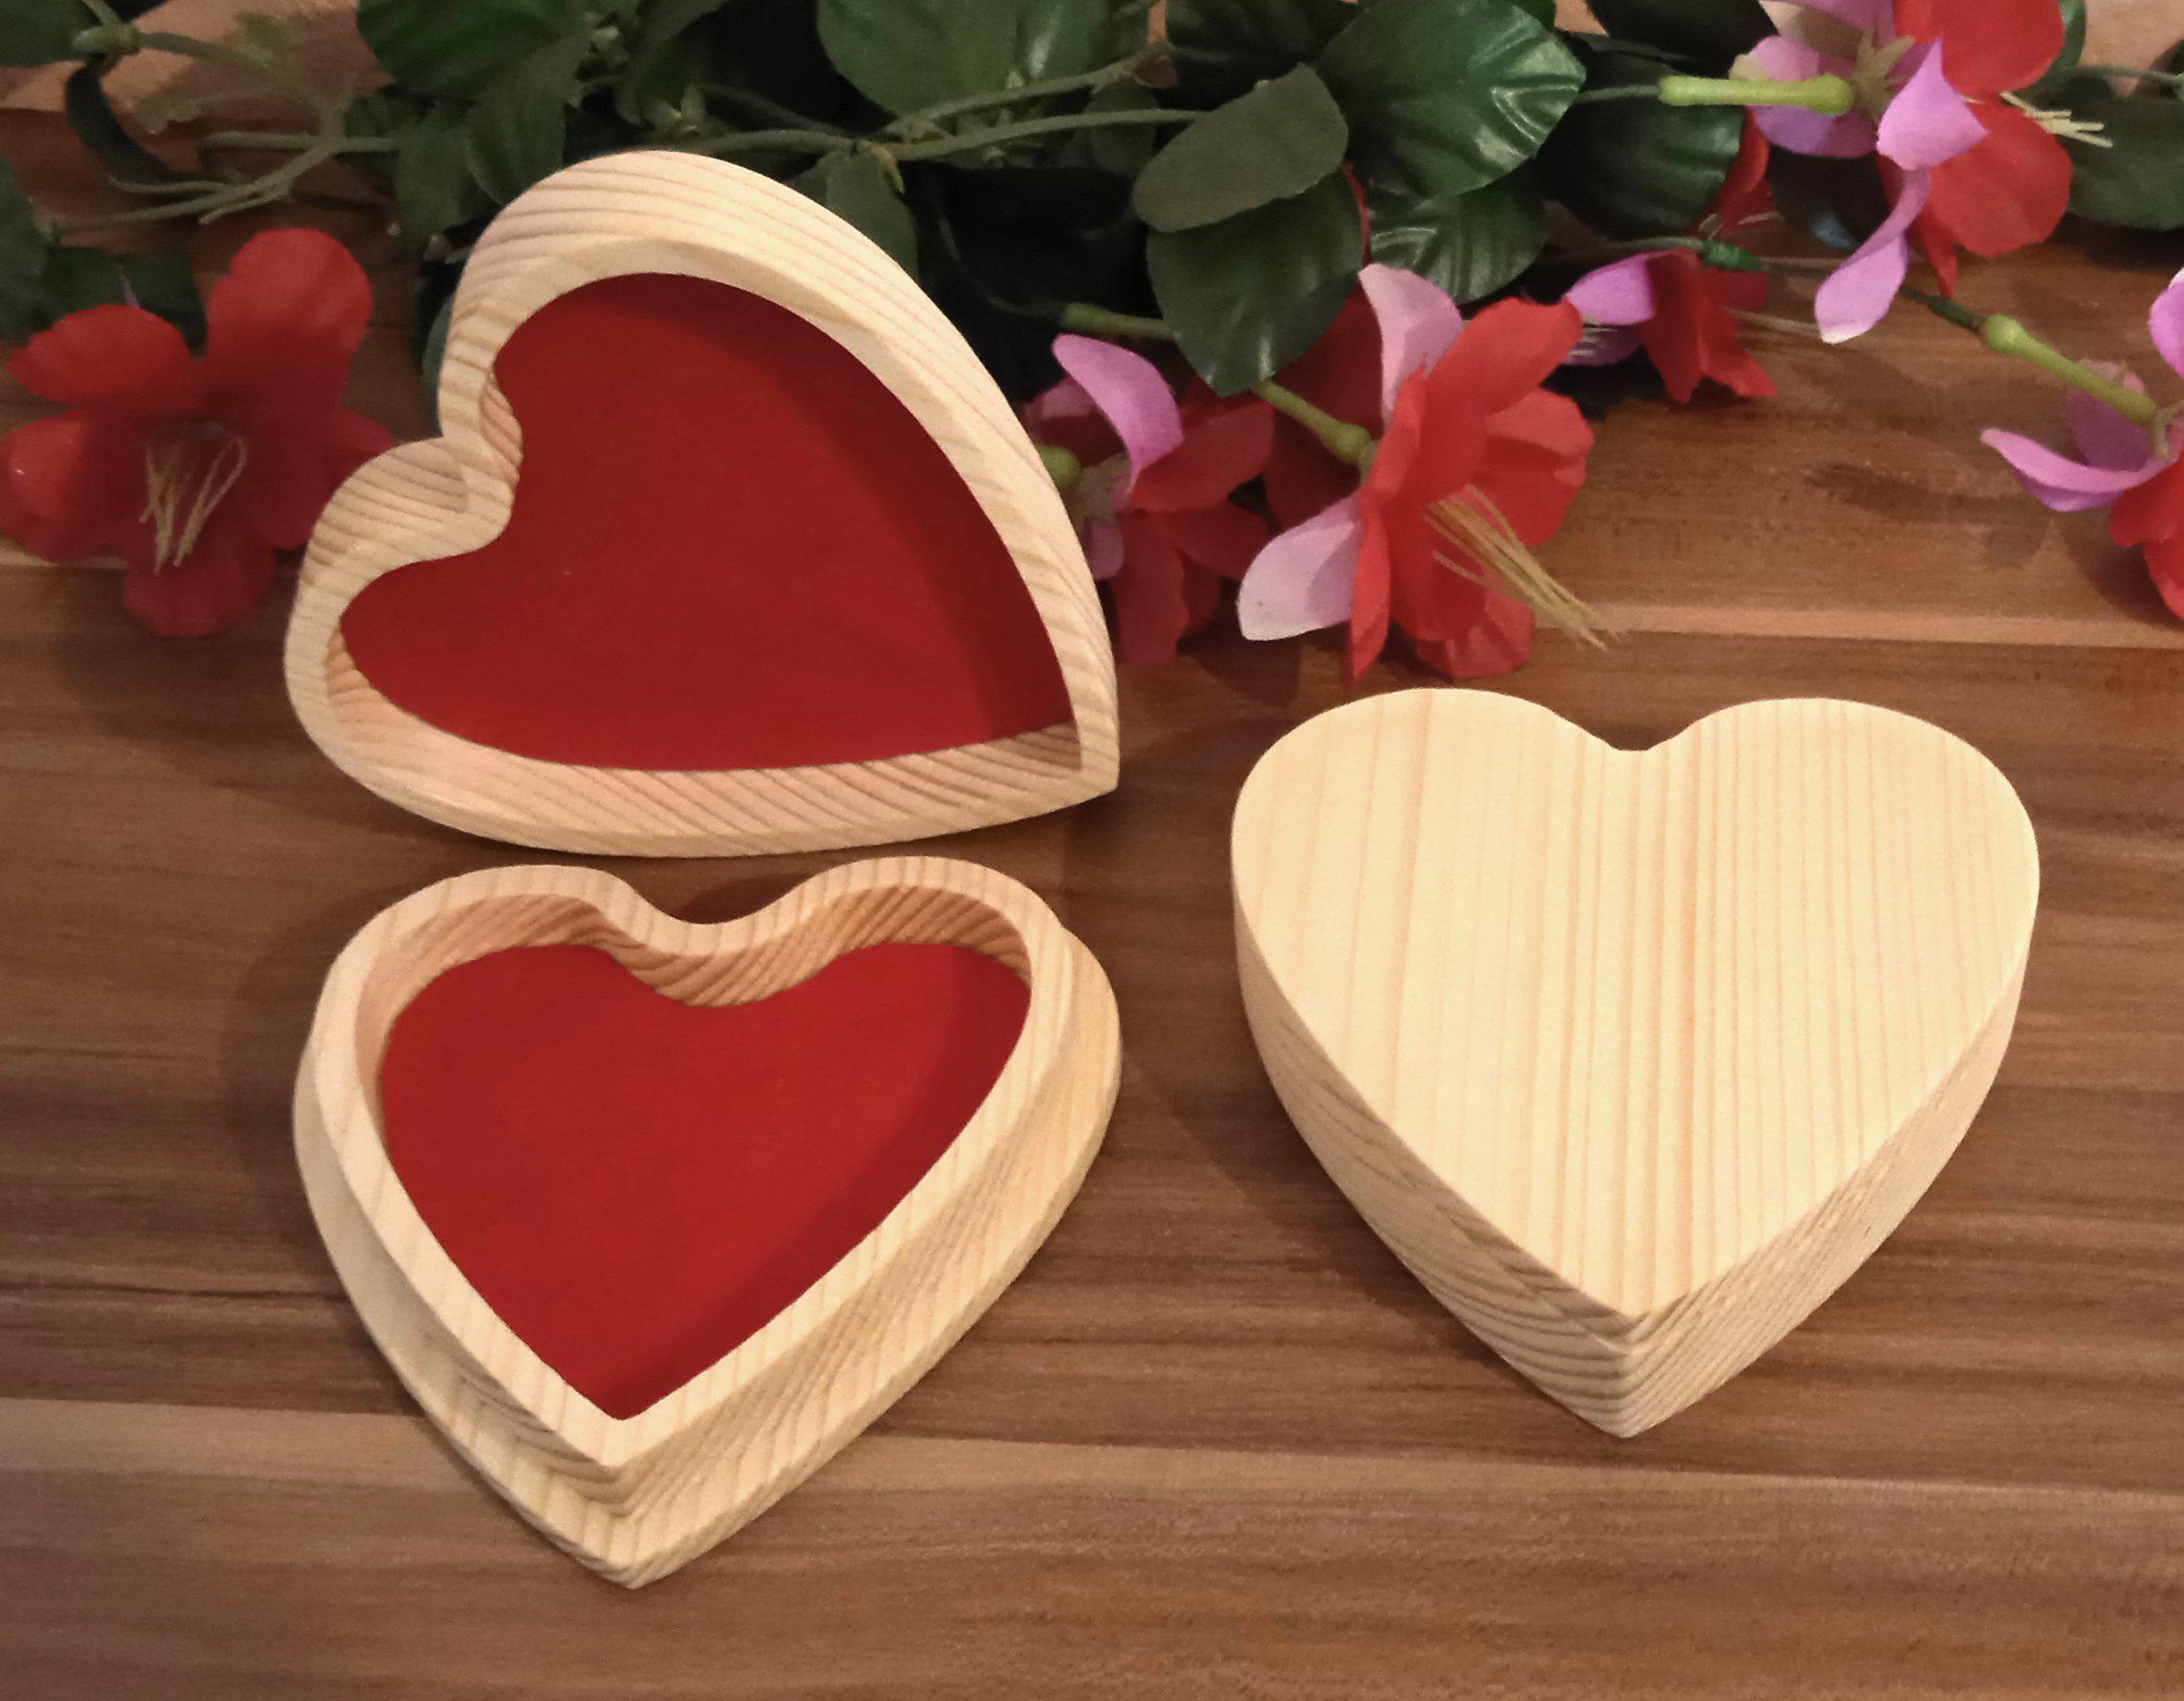 Něco málo z dílny: Dřevěná krabička ve tvaru srdce